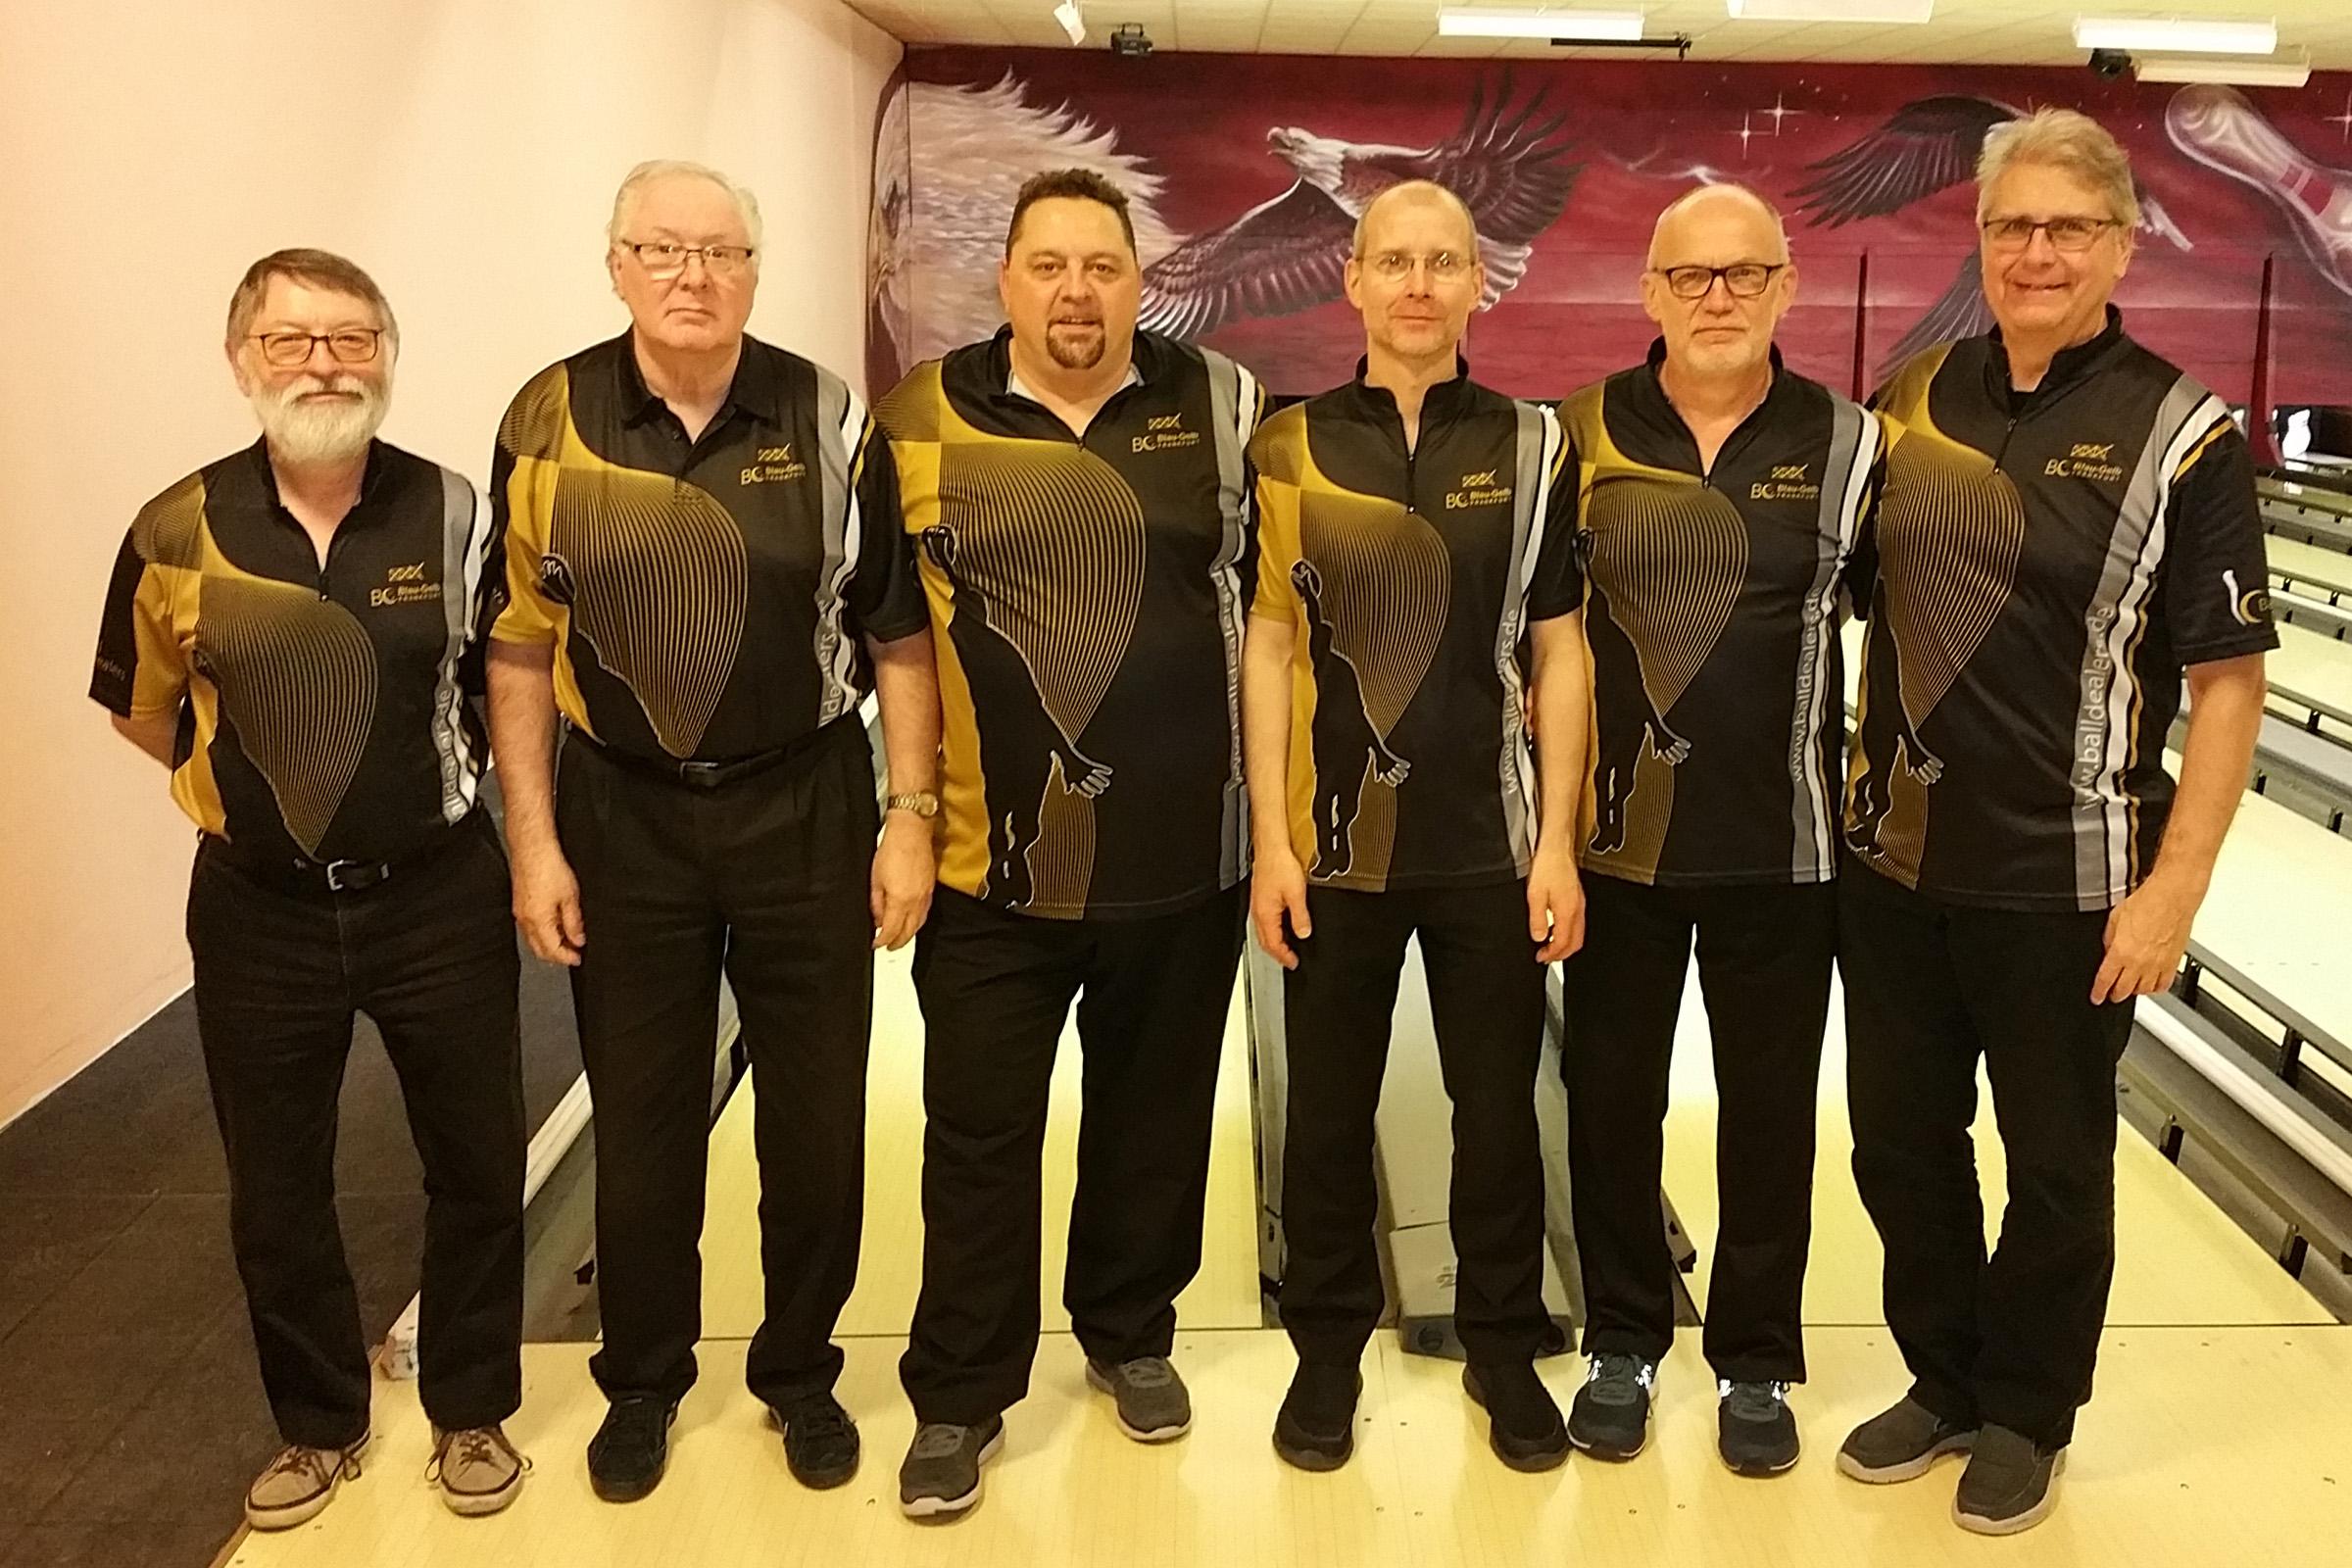 Team Herren 2: Kurt, Norbert, Thomas, Matthias, Rolf und Hans-Jürgen